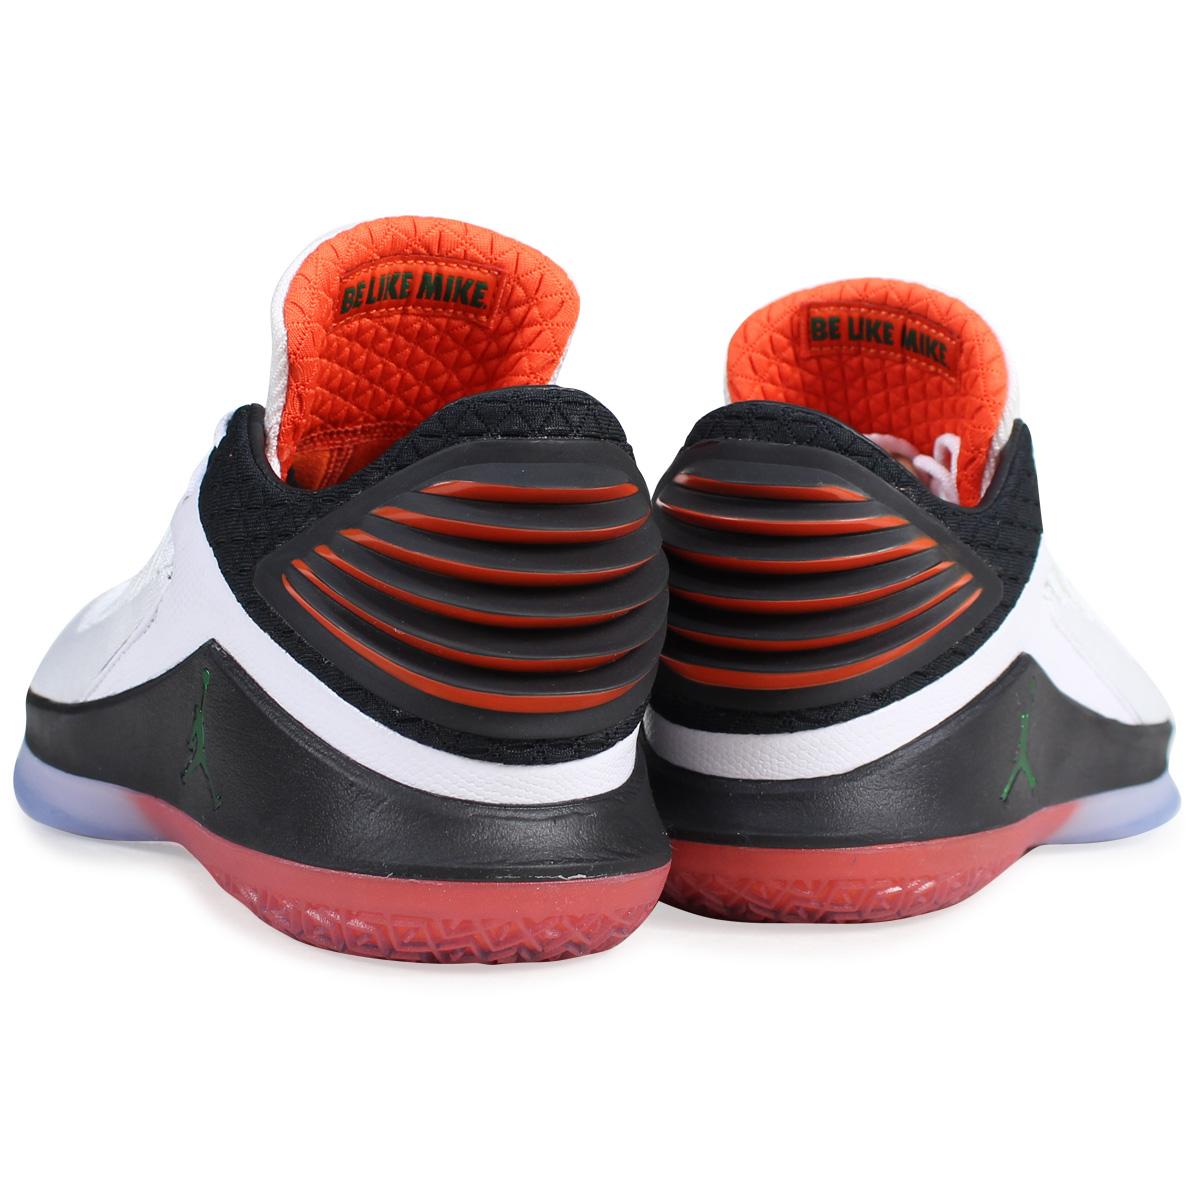 46f99856504a NIKE AIR JORDAN 32 LOW PF GATORADE Nike Air Jordan 32 sneakers AH3347-100  men white